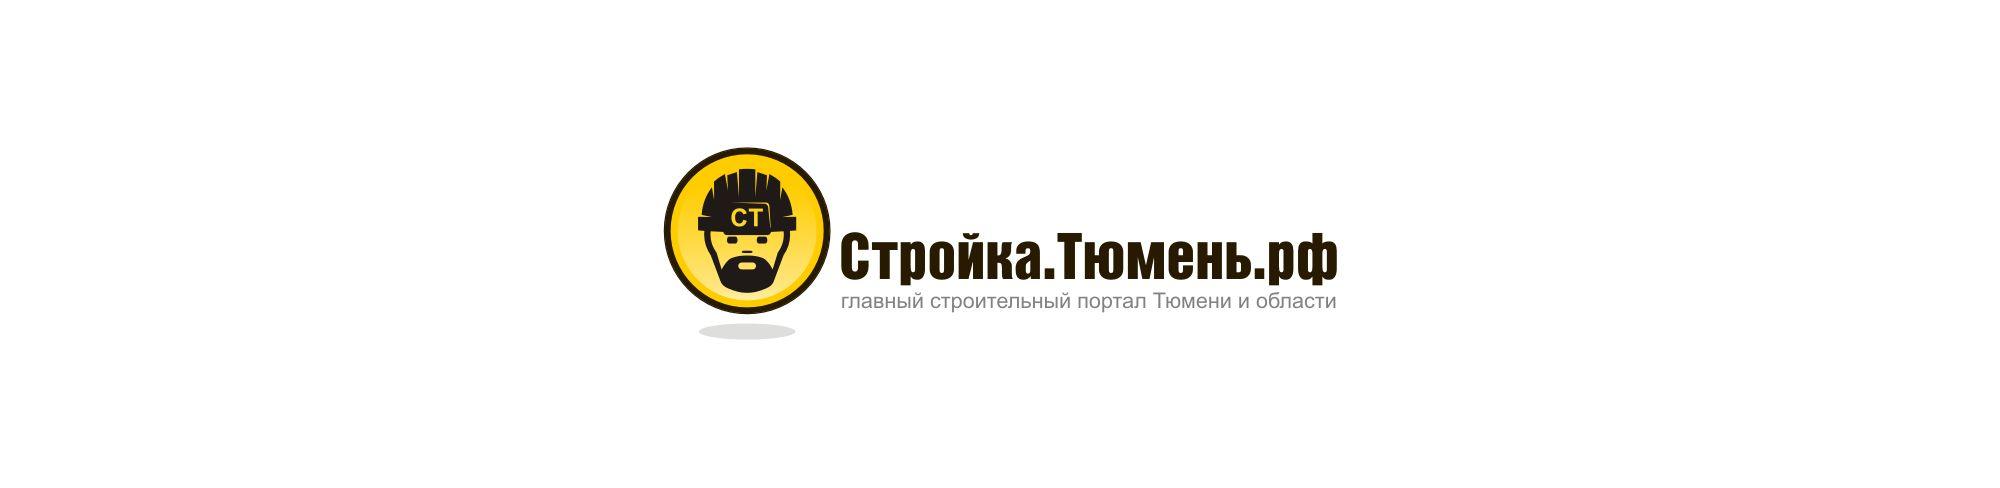 Логотип для строительного портала - дизайнер Agor_